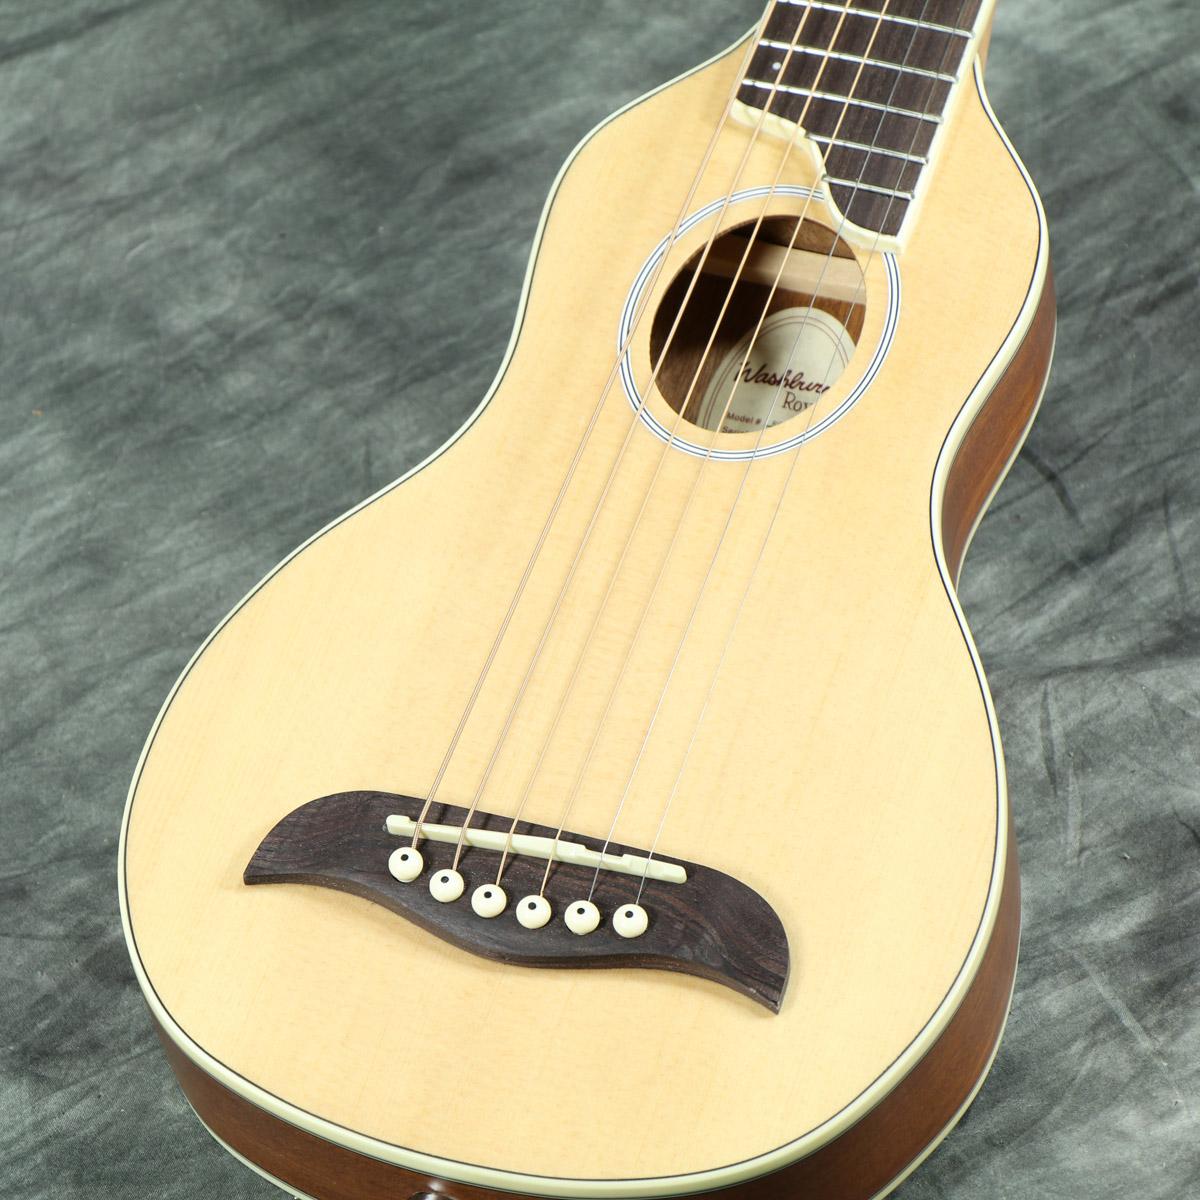 【タイムセール:28日12時まで】Washburn / RO10SK (ナチュラル) 【トラベルギター】 ワッシュバーン ミニ アコースティックギター アコギ RO-10